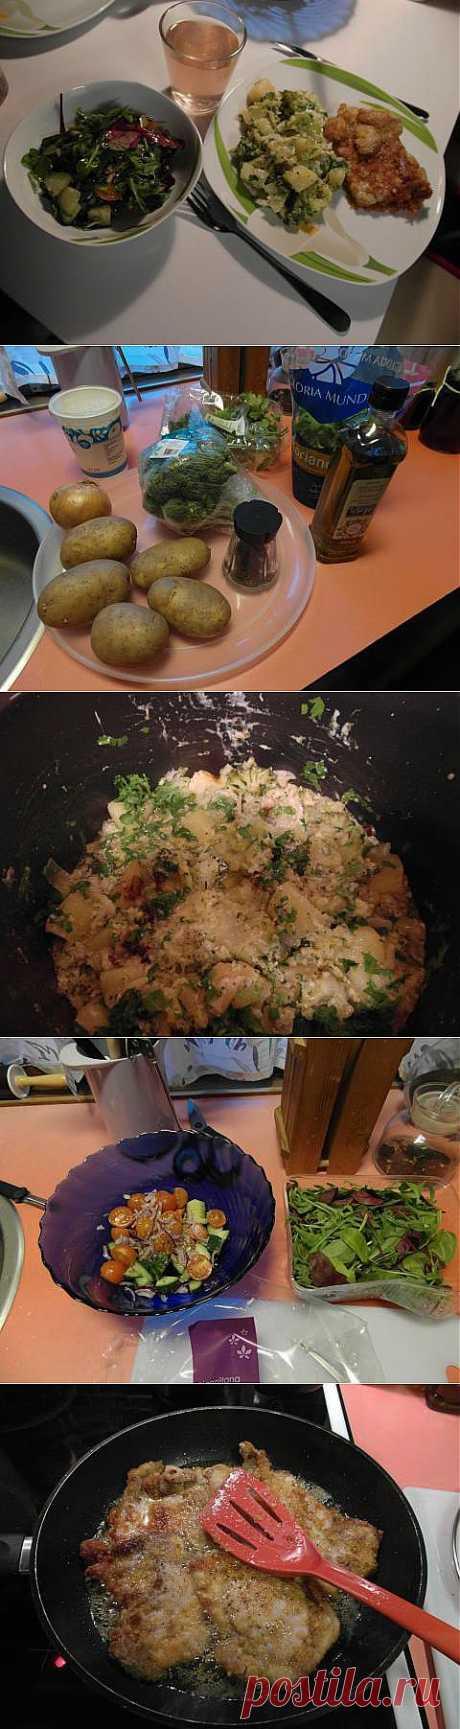 ужин за 50 минут: Шницель куриный, сотэ из картофеля и брокколи и салат-микс с черри и огурцом | 4vkusa.ru